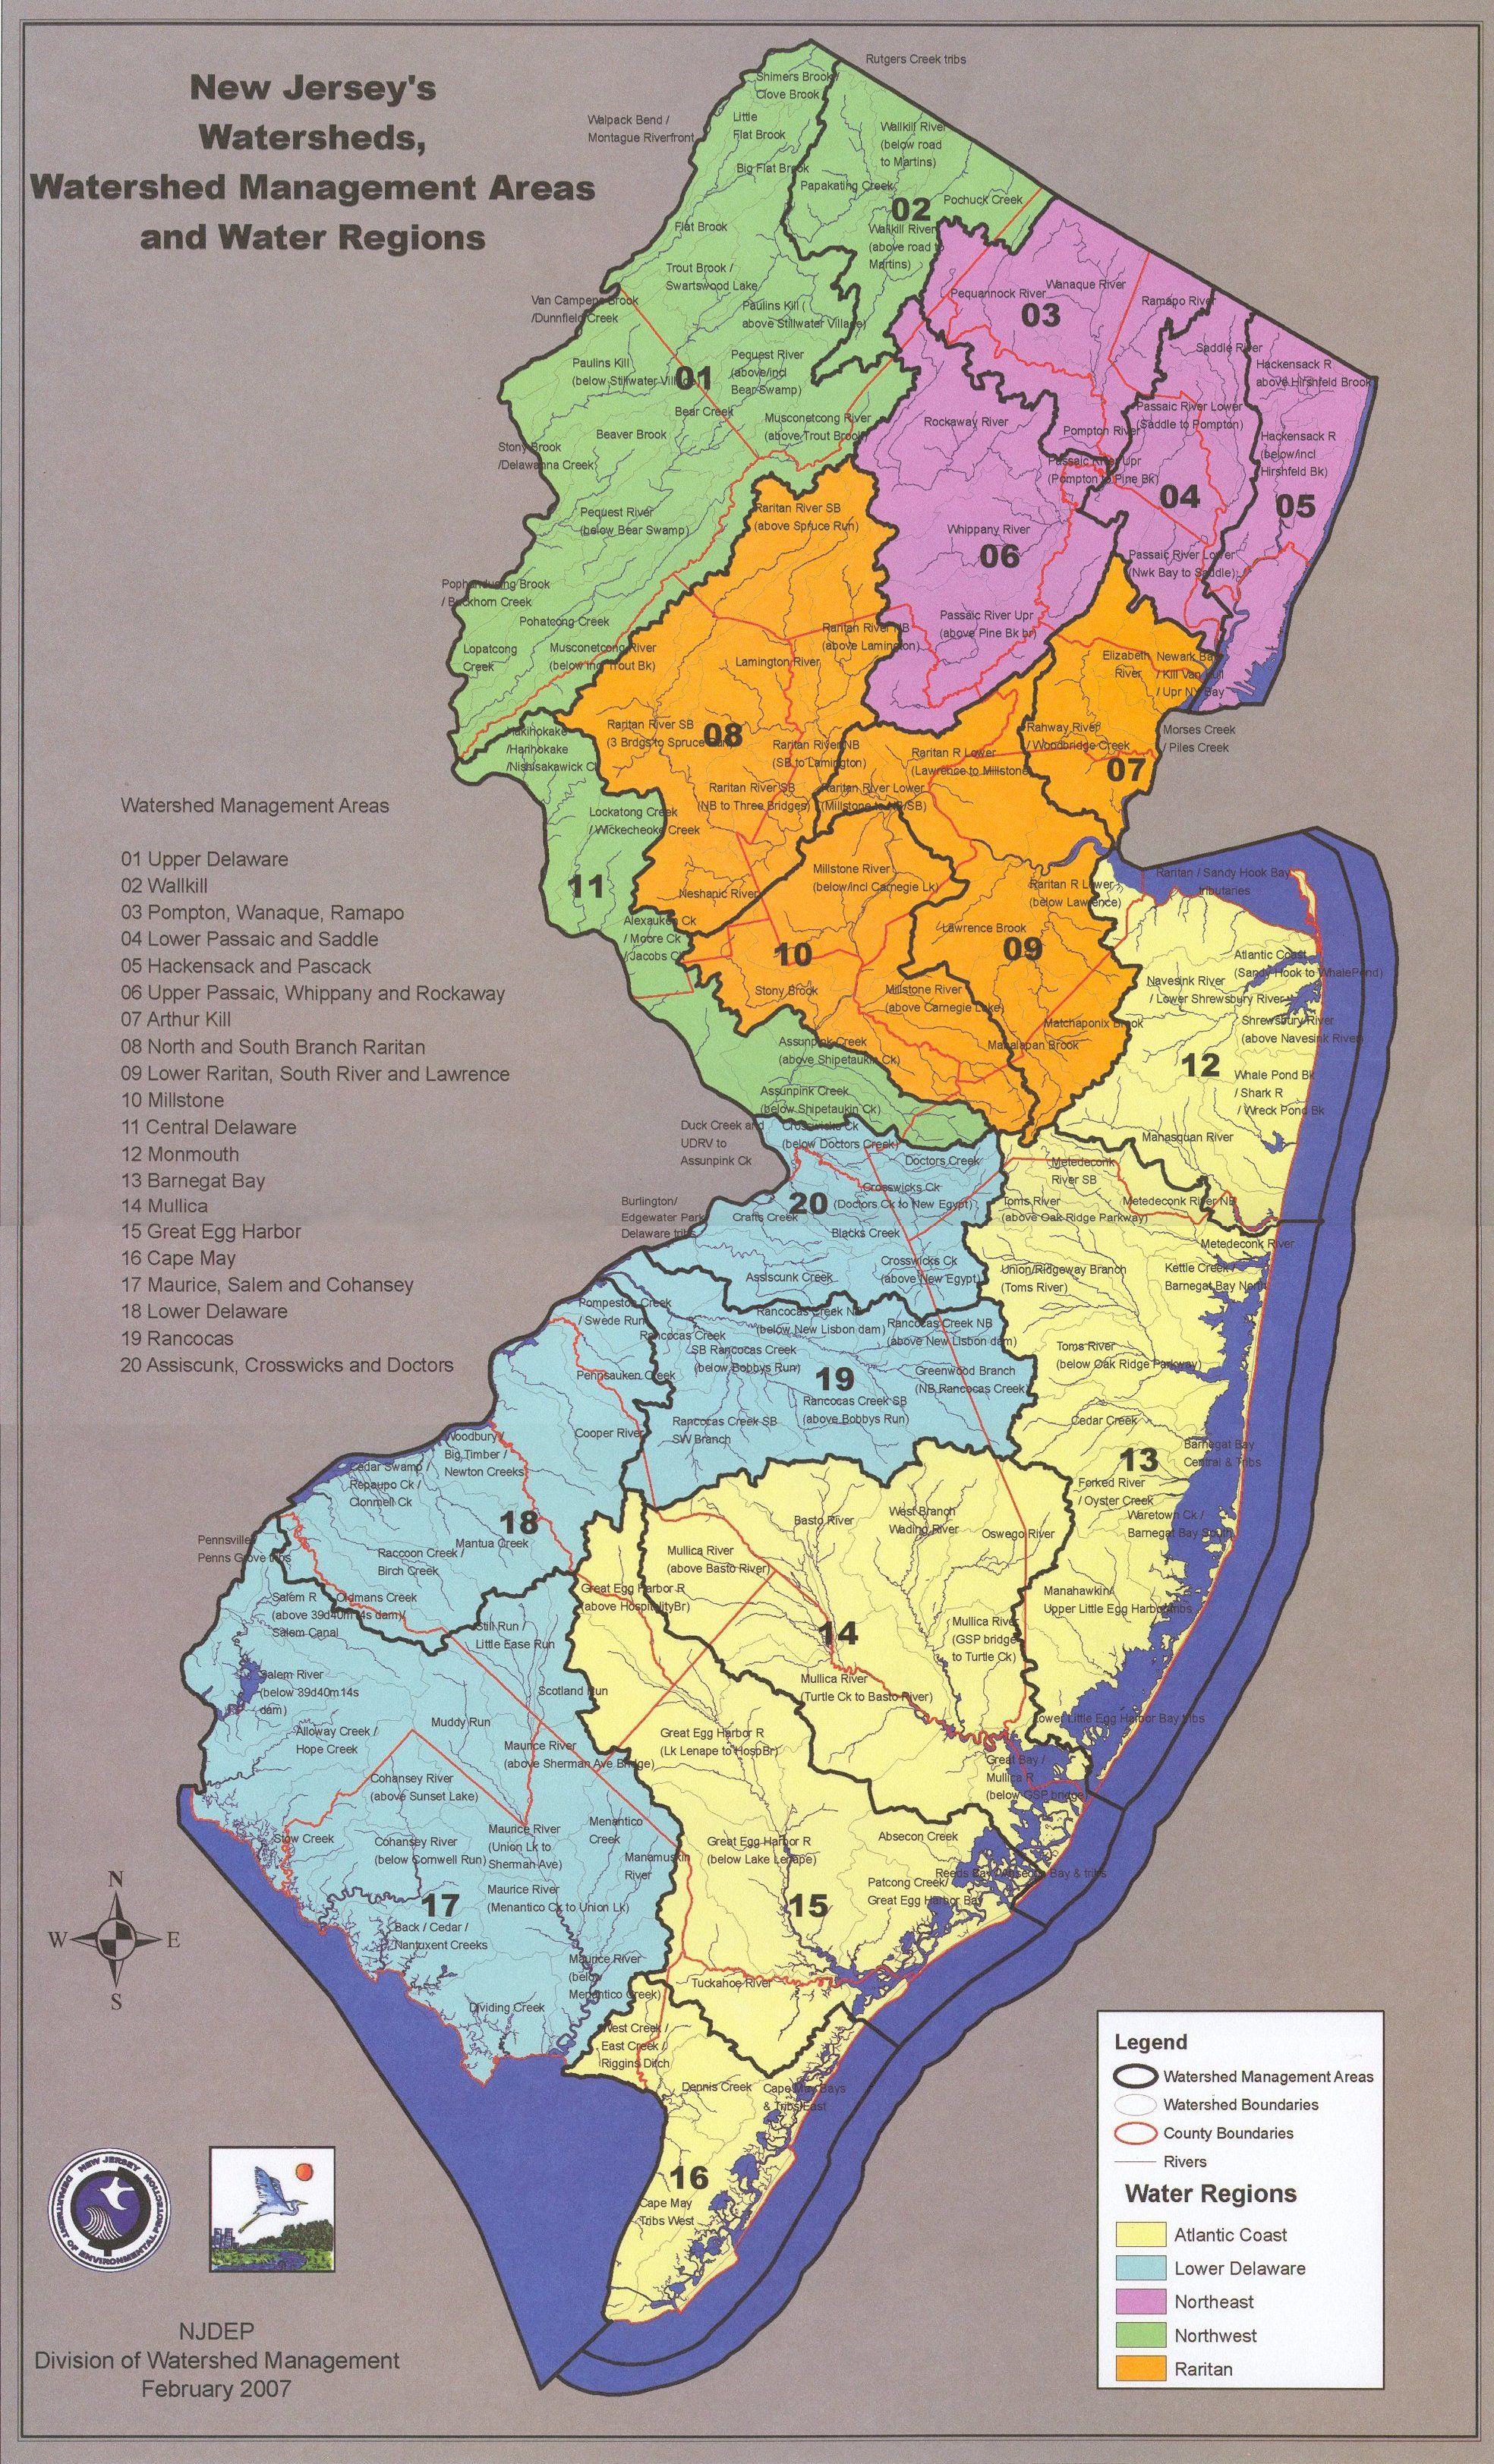 Njdep 2007 watersheds_wmas_water regions watersheds